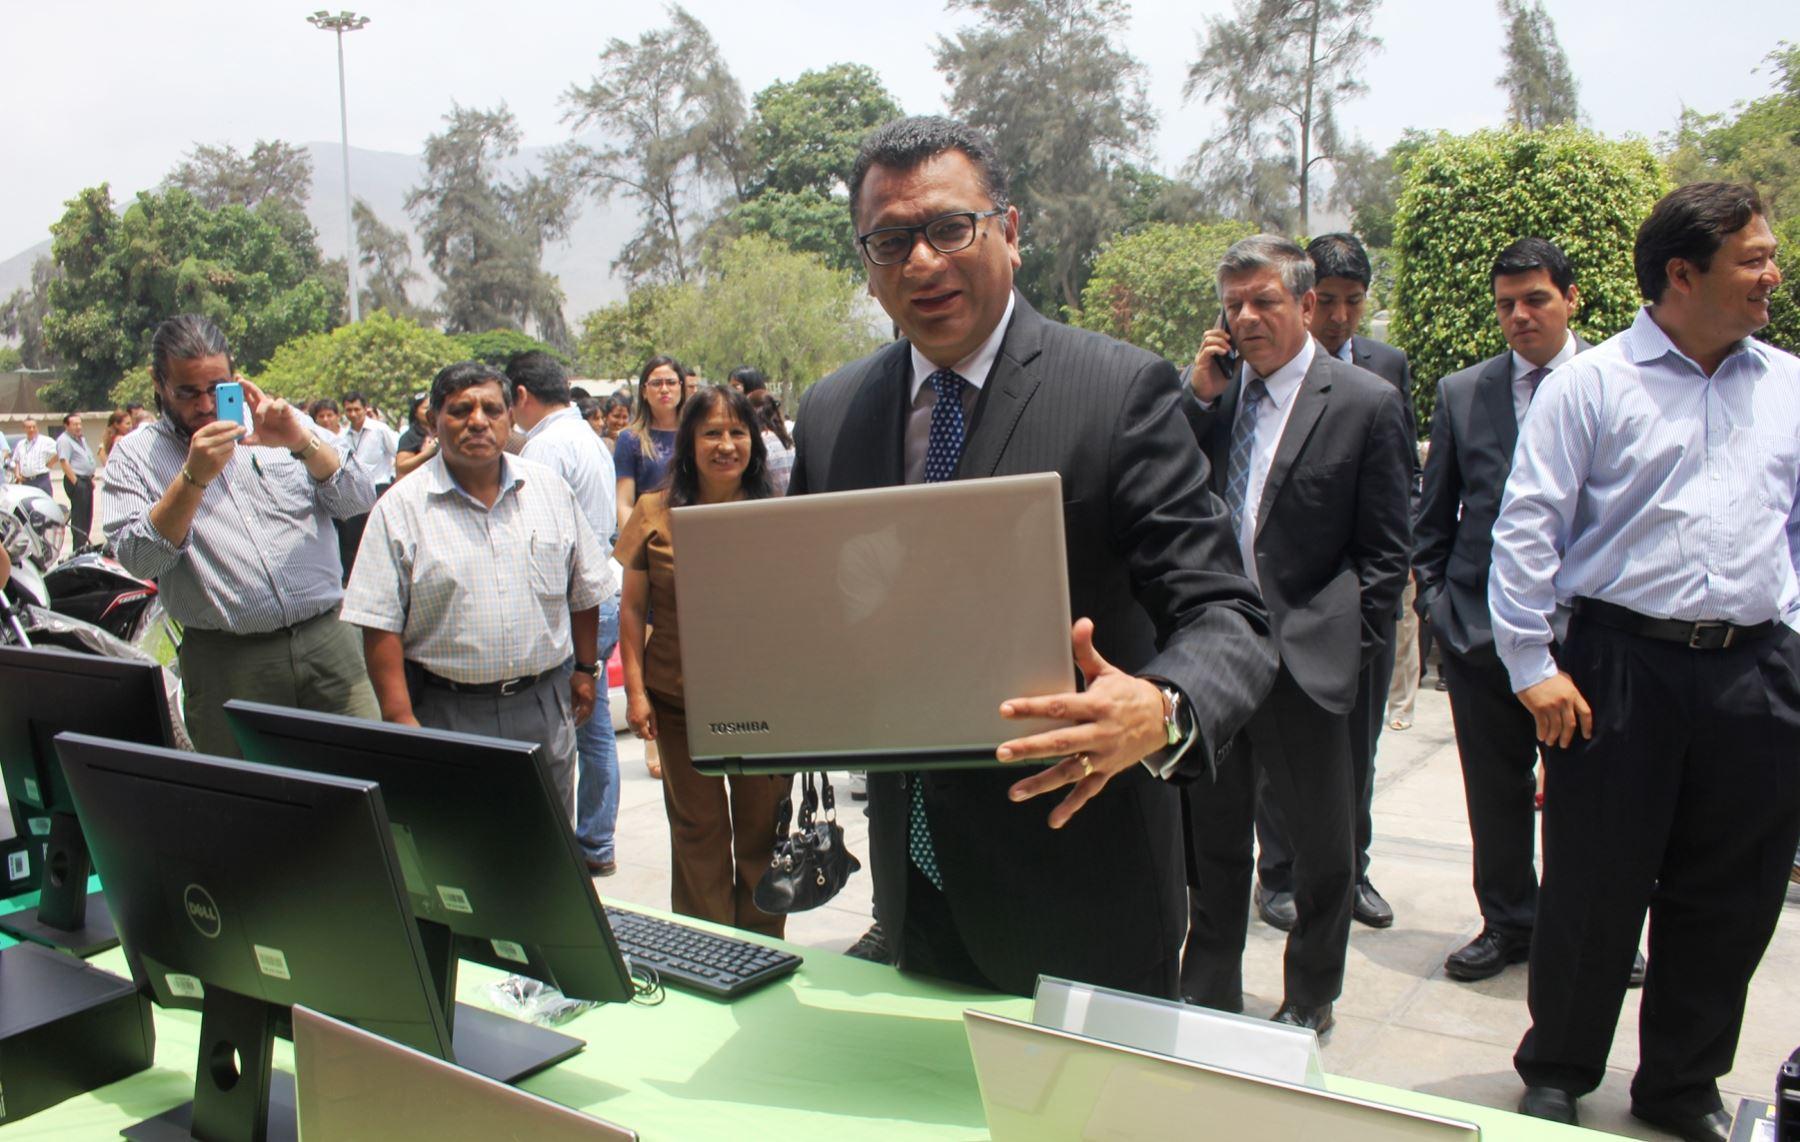 Ministro Juan Manuel Benites, participa de entrega de equipos del Serfor a regiones amazónicas para fortalecer vigilancia de los recursos forestales.